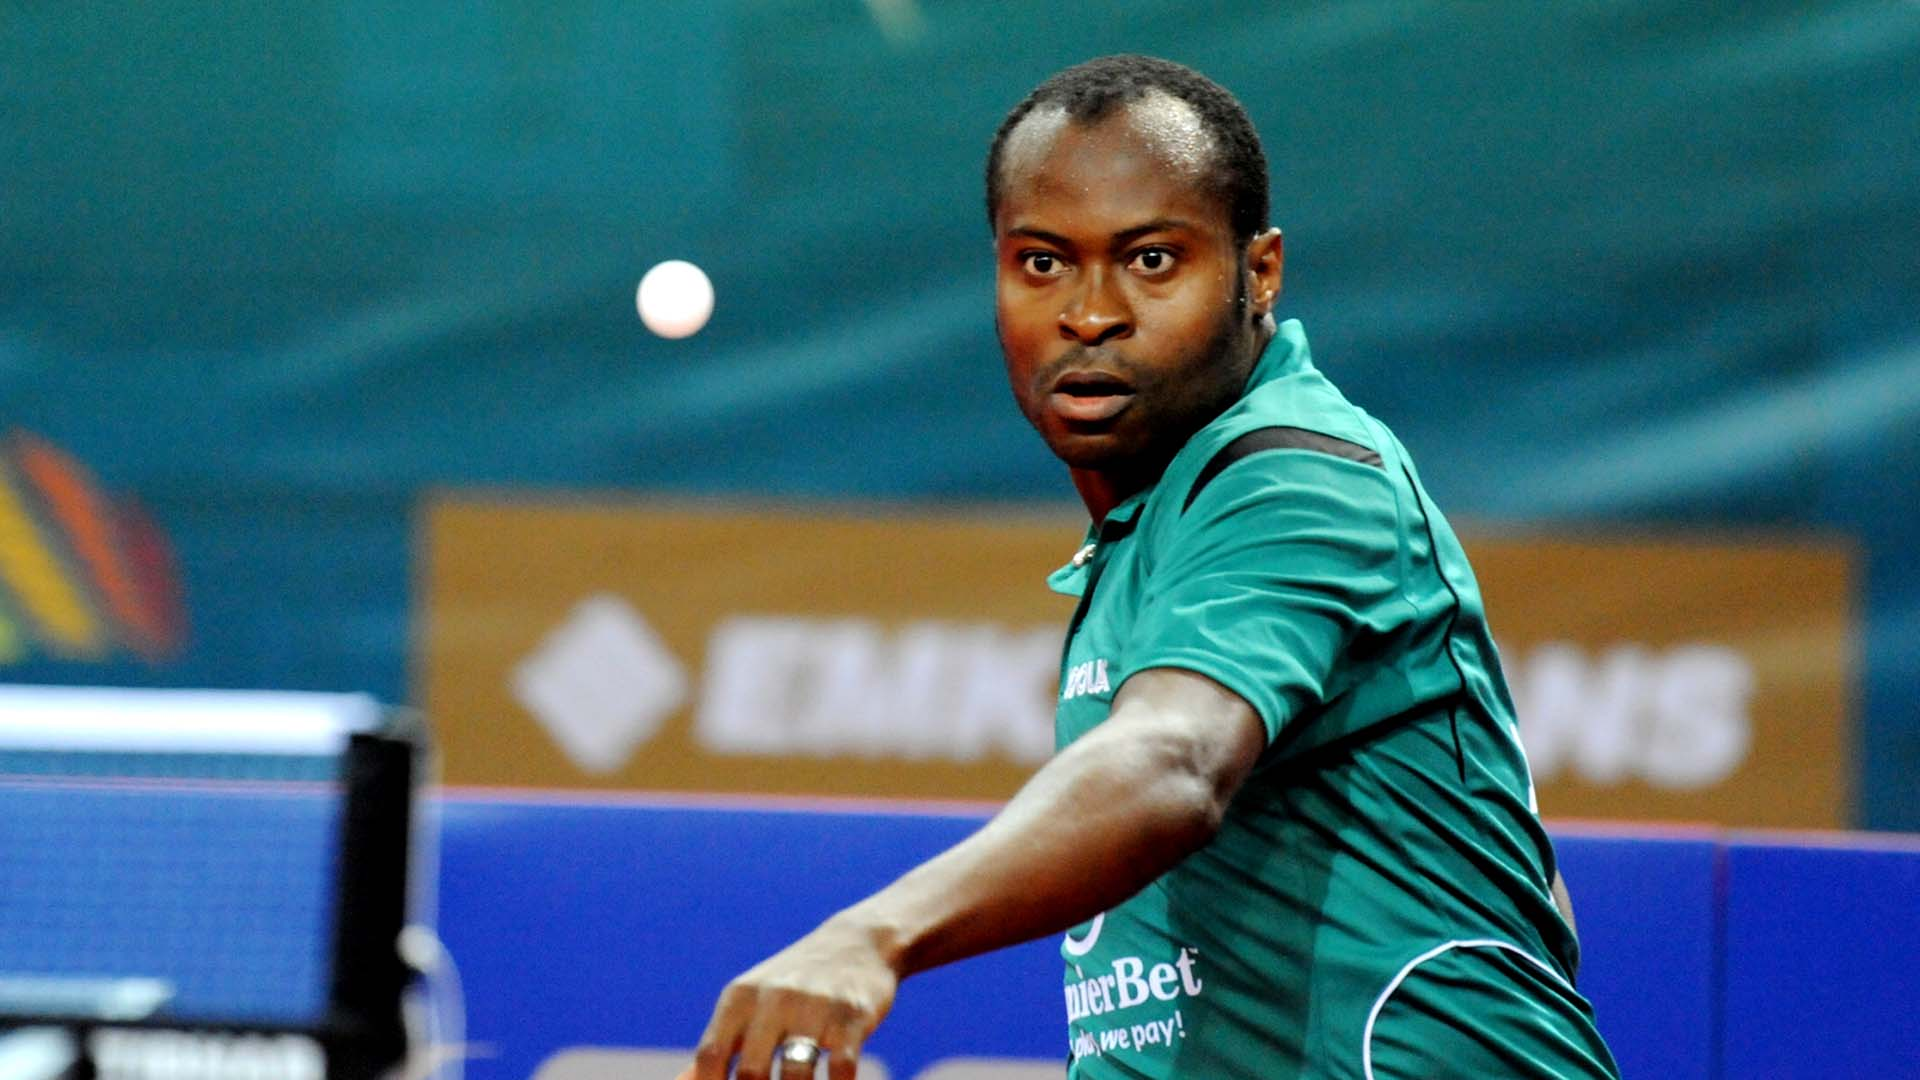 Aruna eyes 2020 olympics qualification with Nigeria